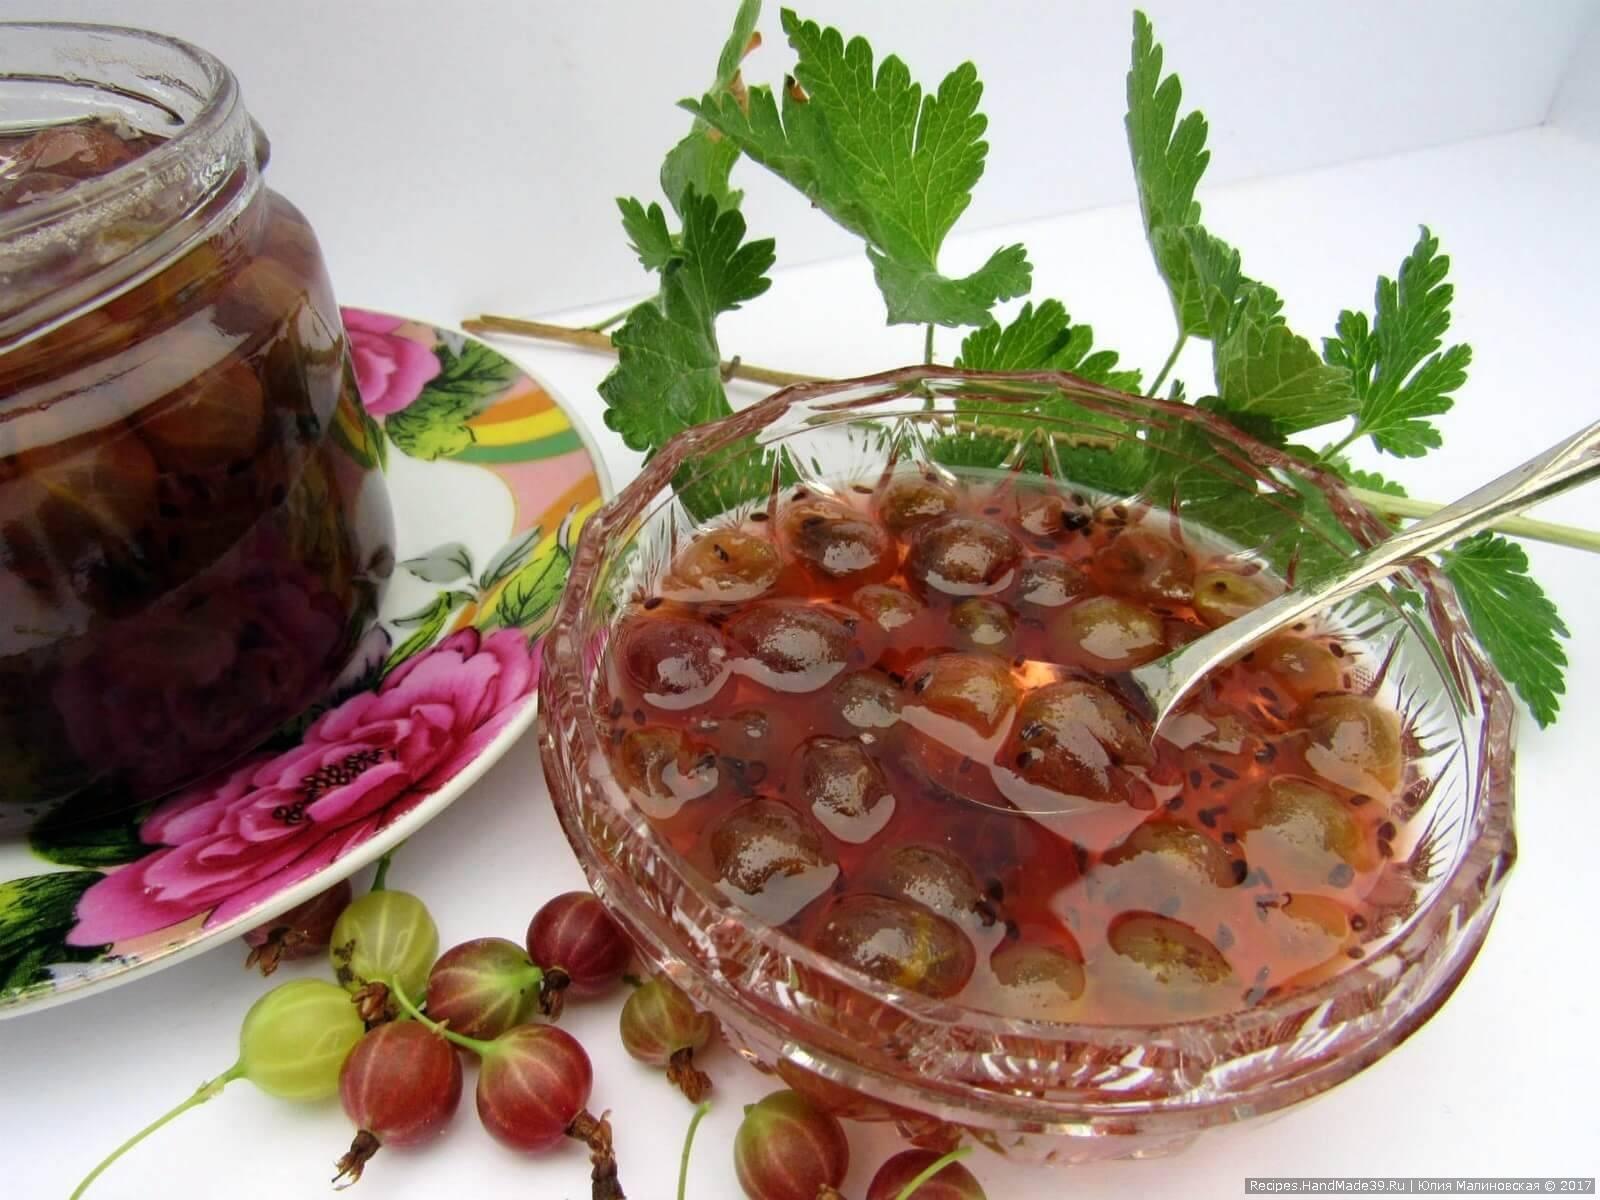 Топ 6 рецептов варенья из крыжовника с целыми ягодами на зиму